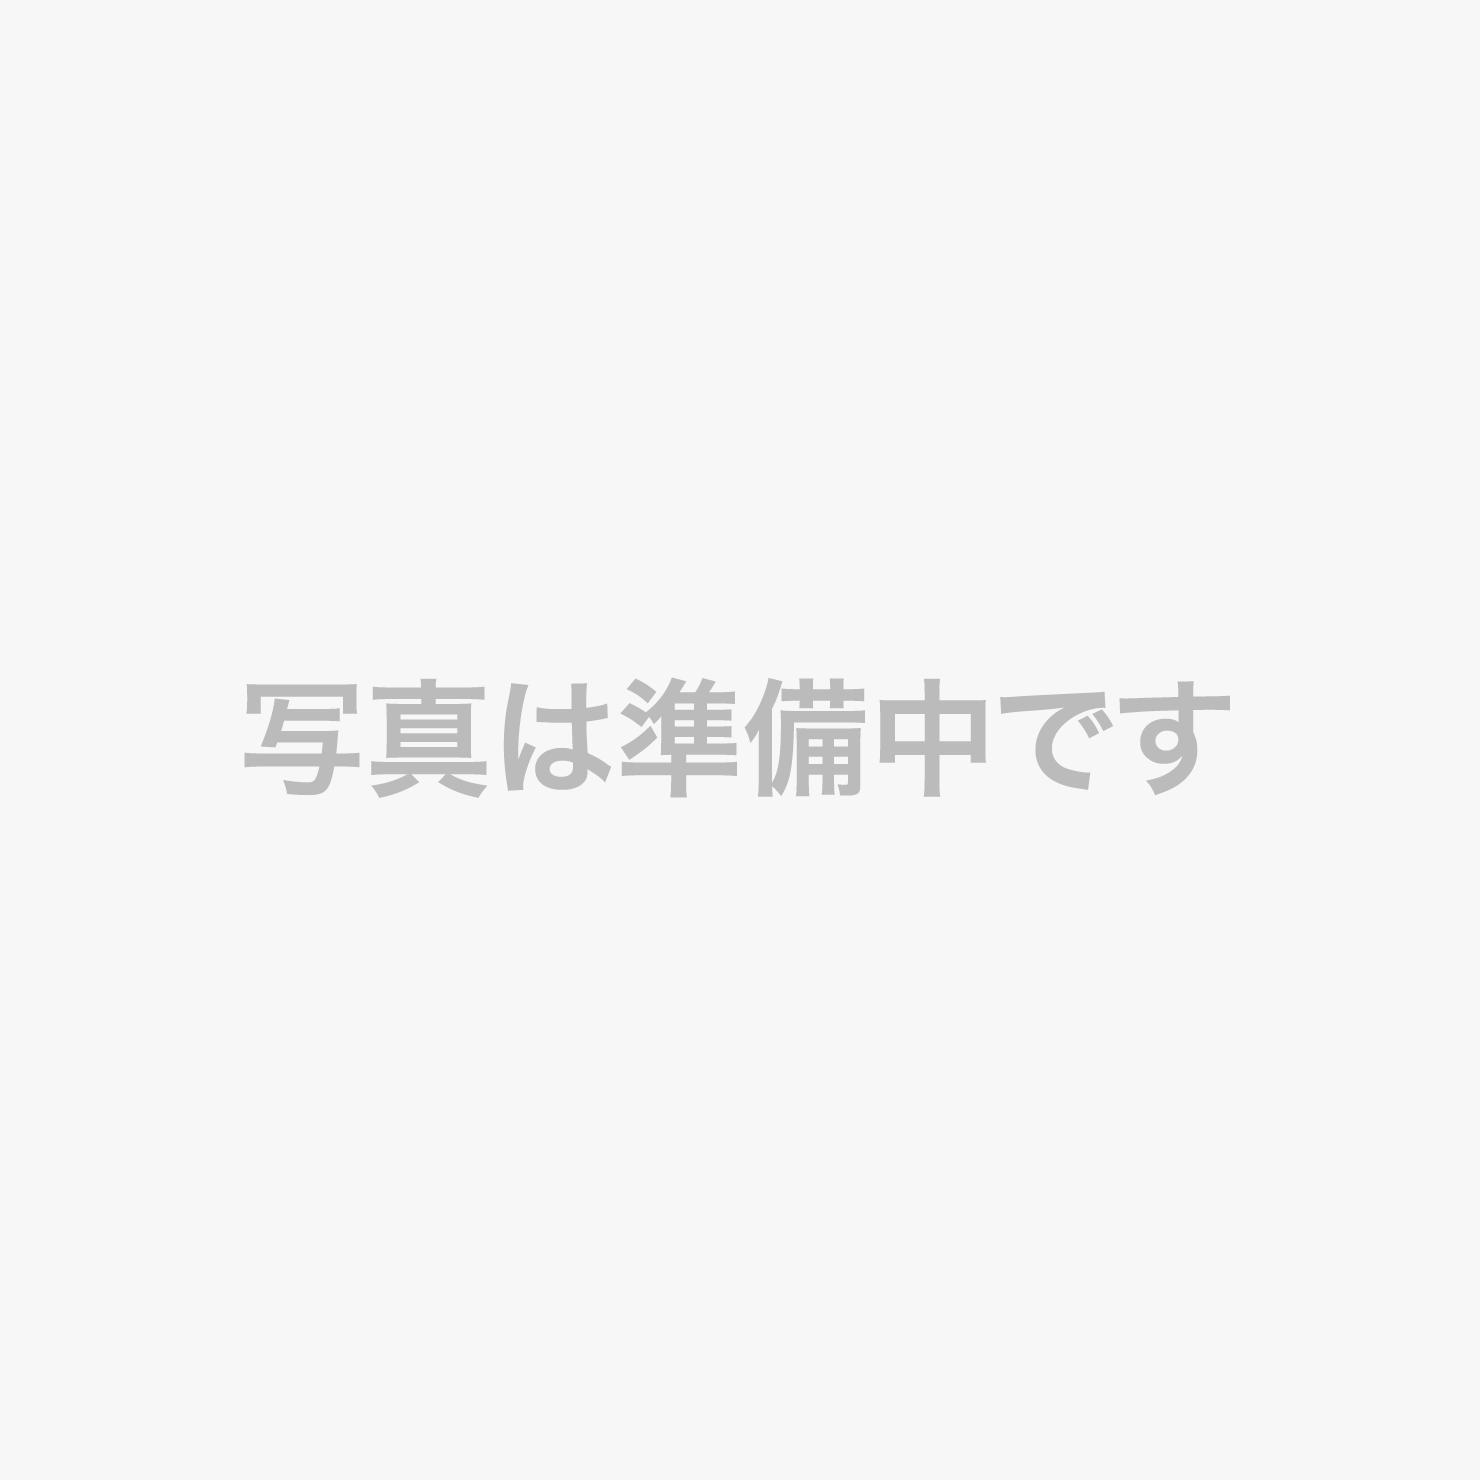 2020年1-2月のメインチョイス:伊豆のジビエ 鹿の蕎麦味噌焼